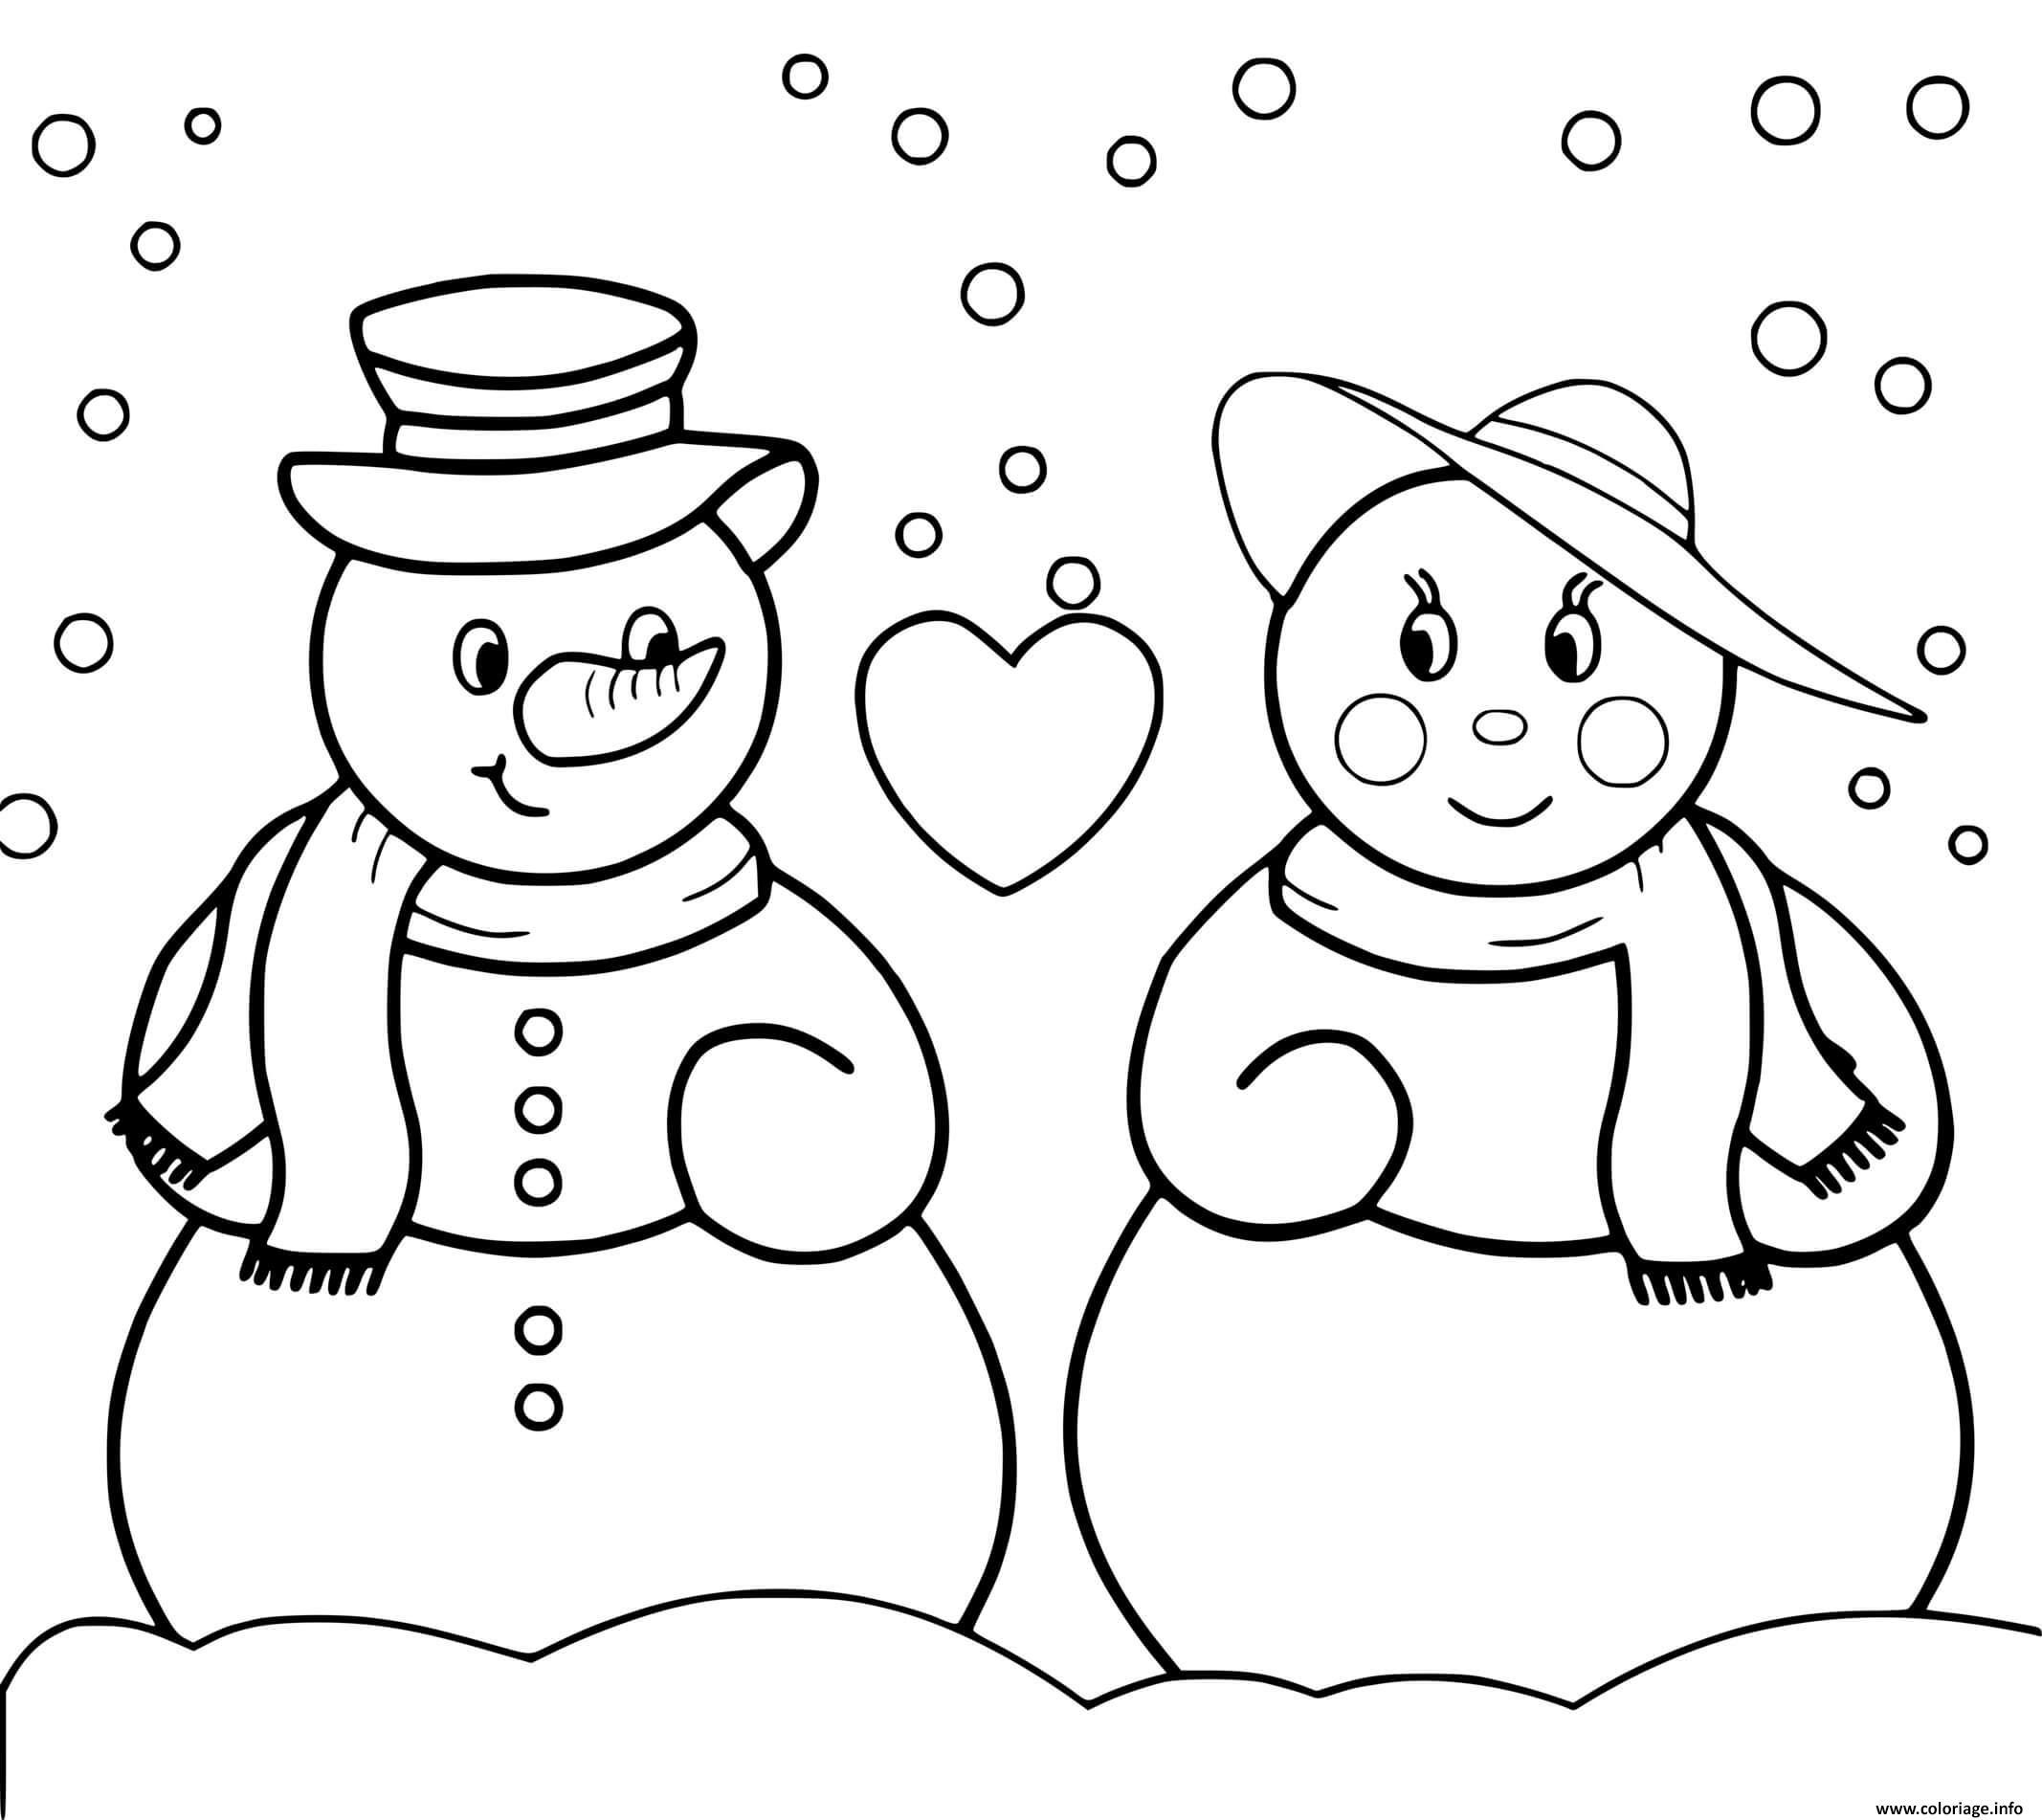 Dessin Deux bonhommes de neige amoureux Coloriage Gratuit à Imprimer